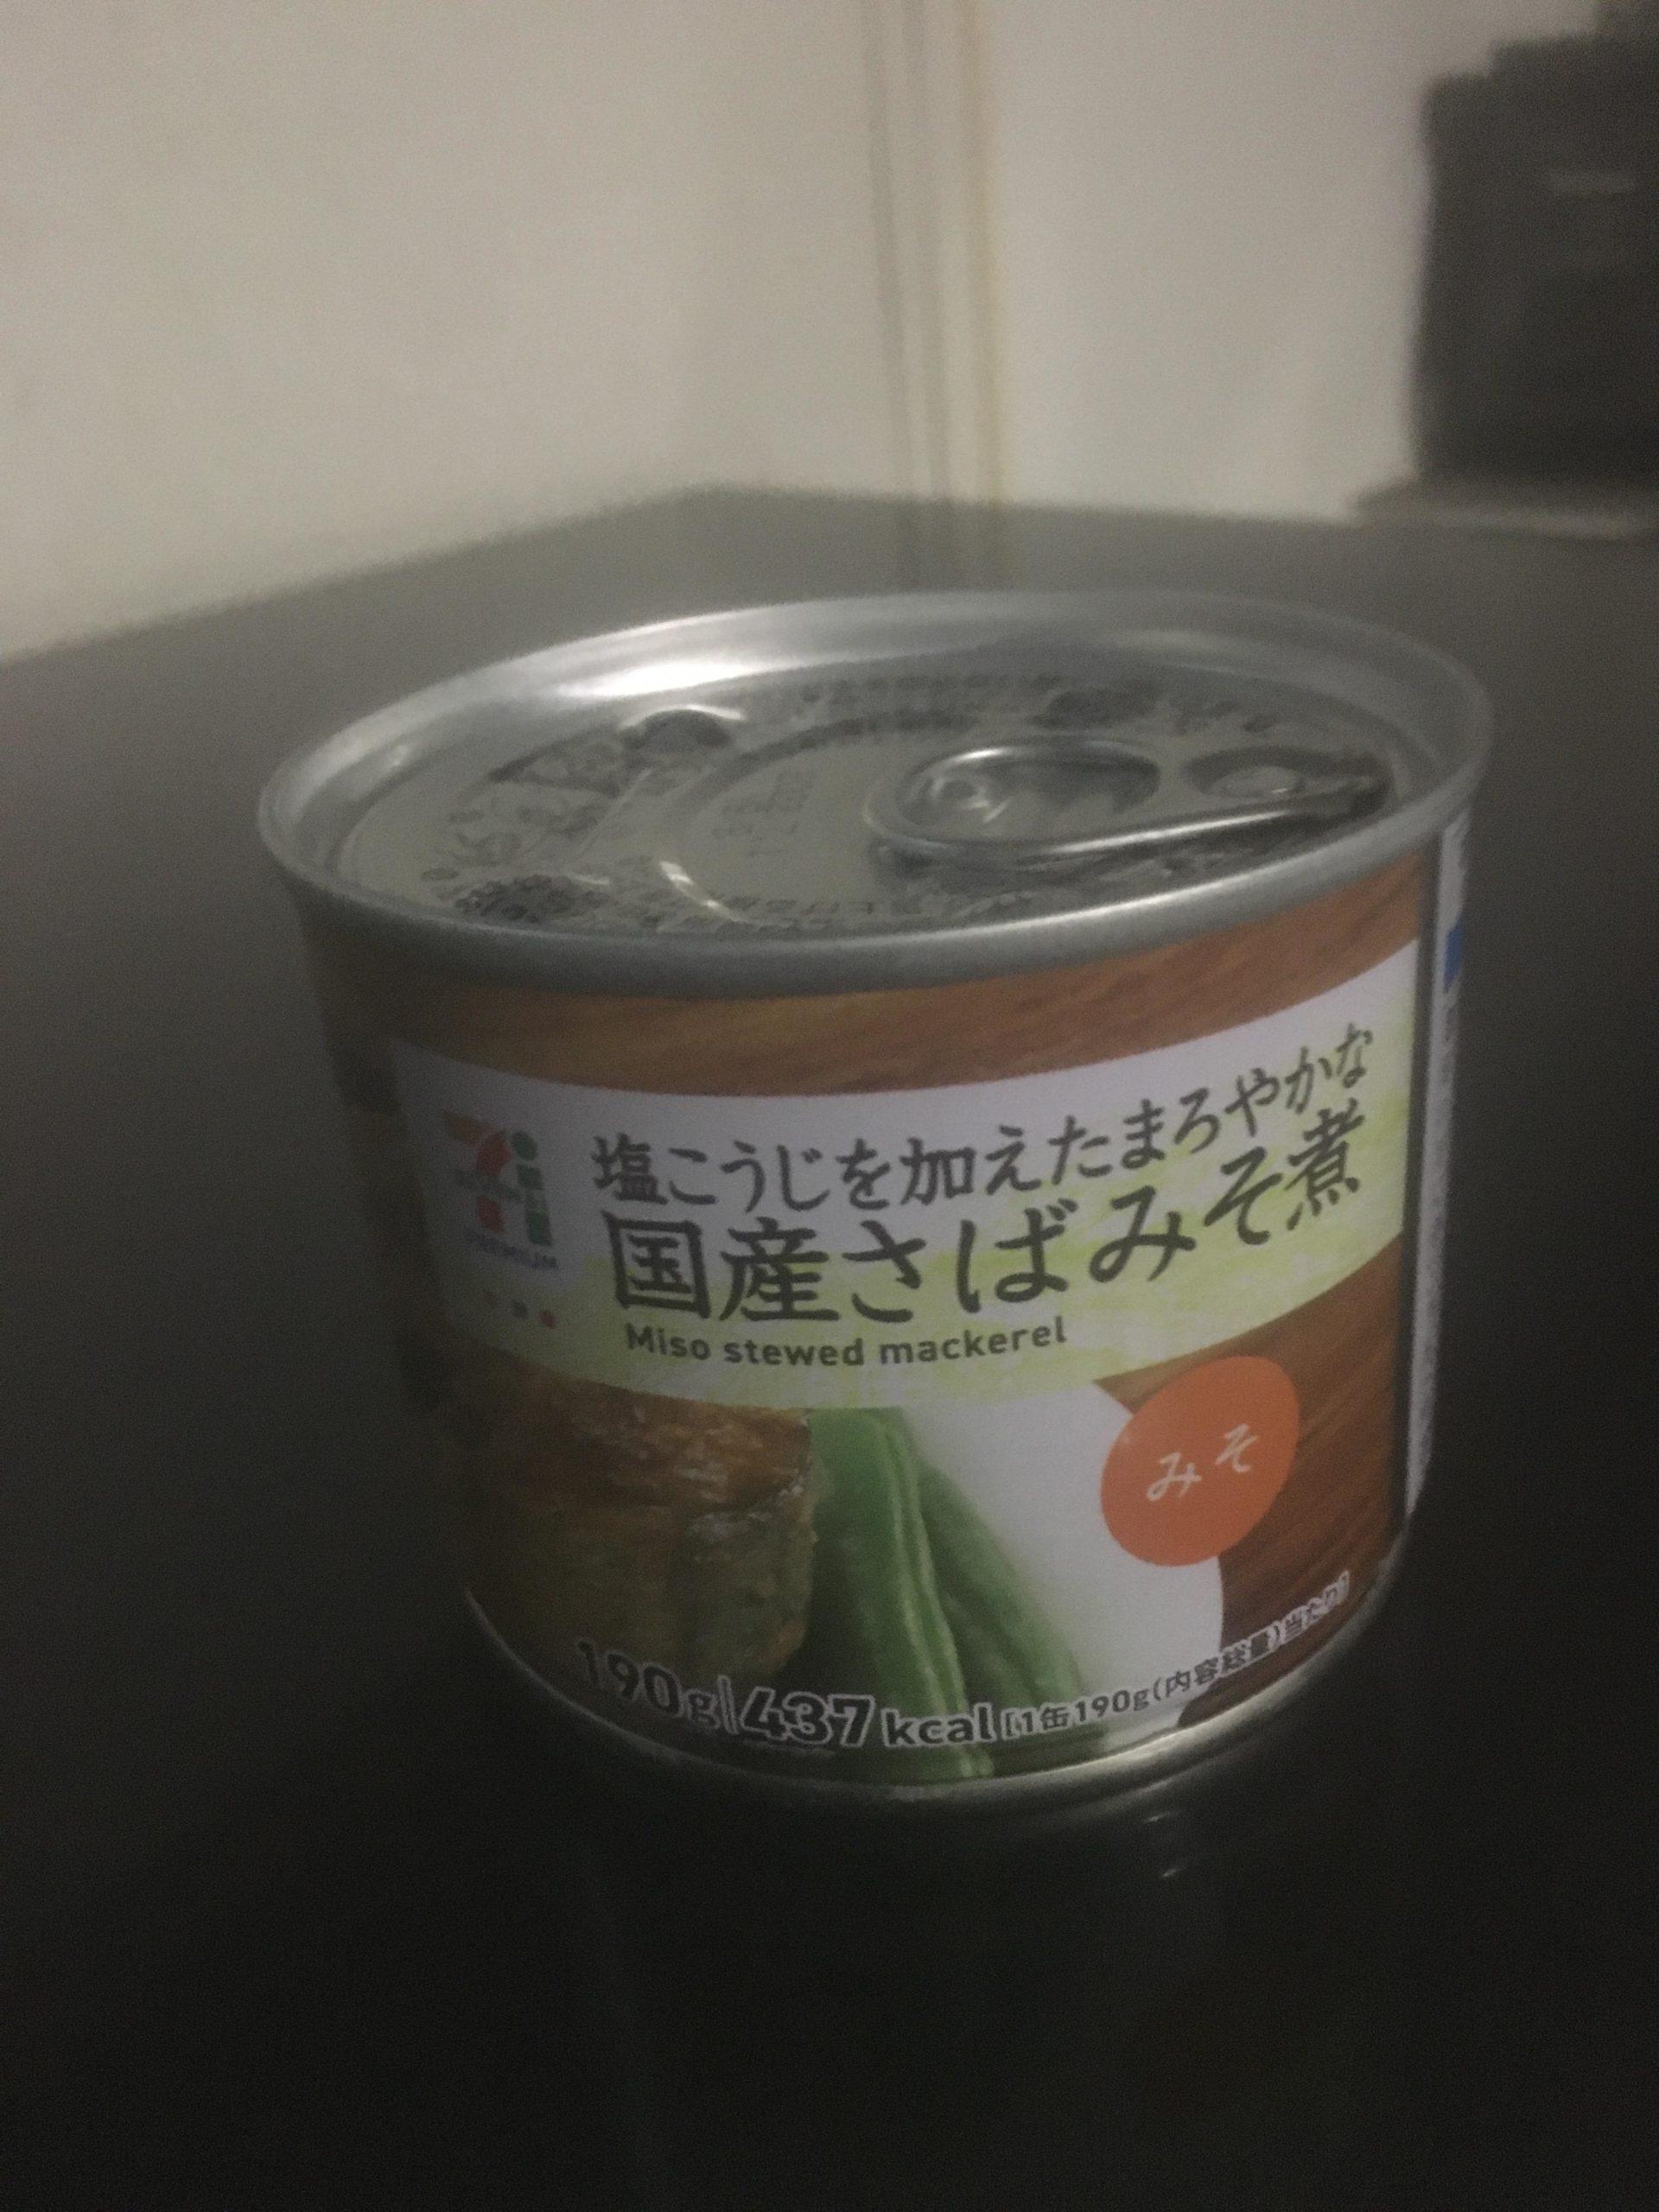 サバ缶てさ、結局高いやつでも安いやつでも味にちがいないよな